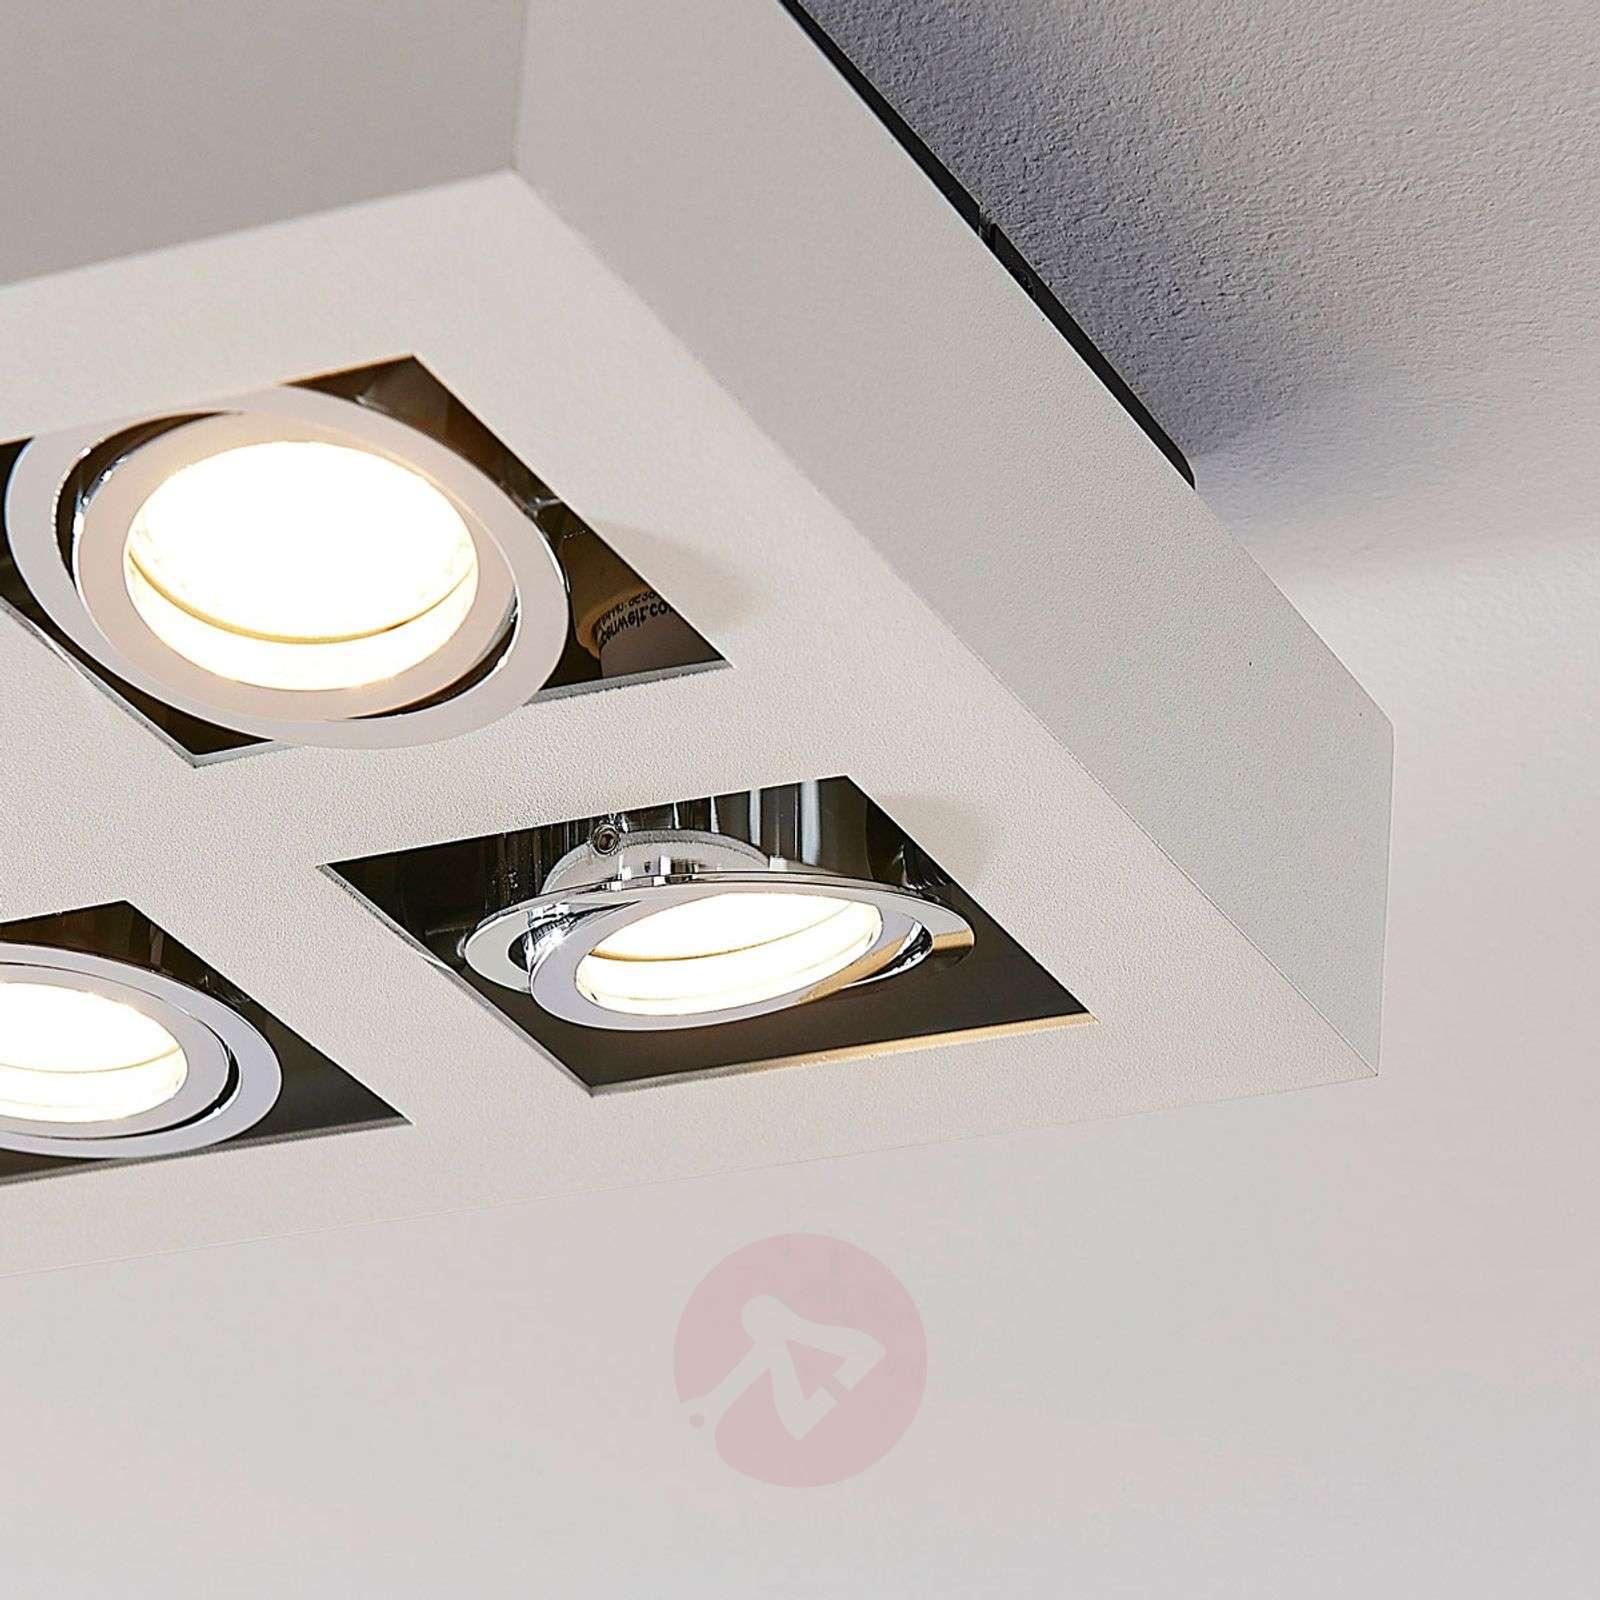 Kuusilamppuinen LED-kattovalaisin Vince valkoisena-9620461-01